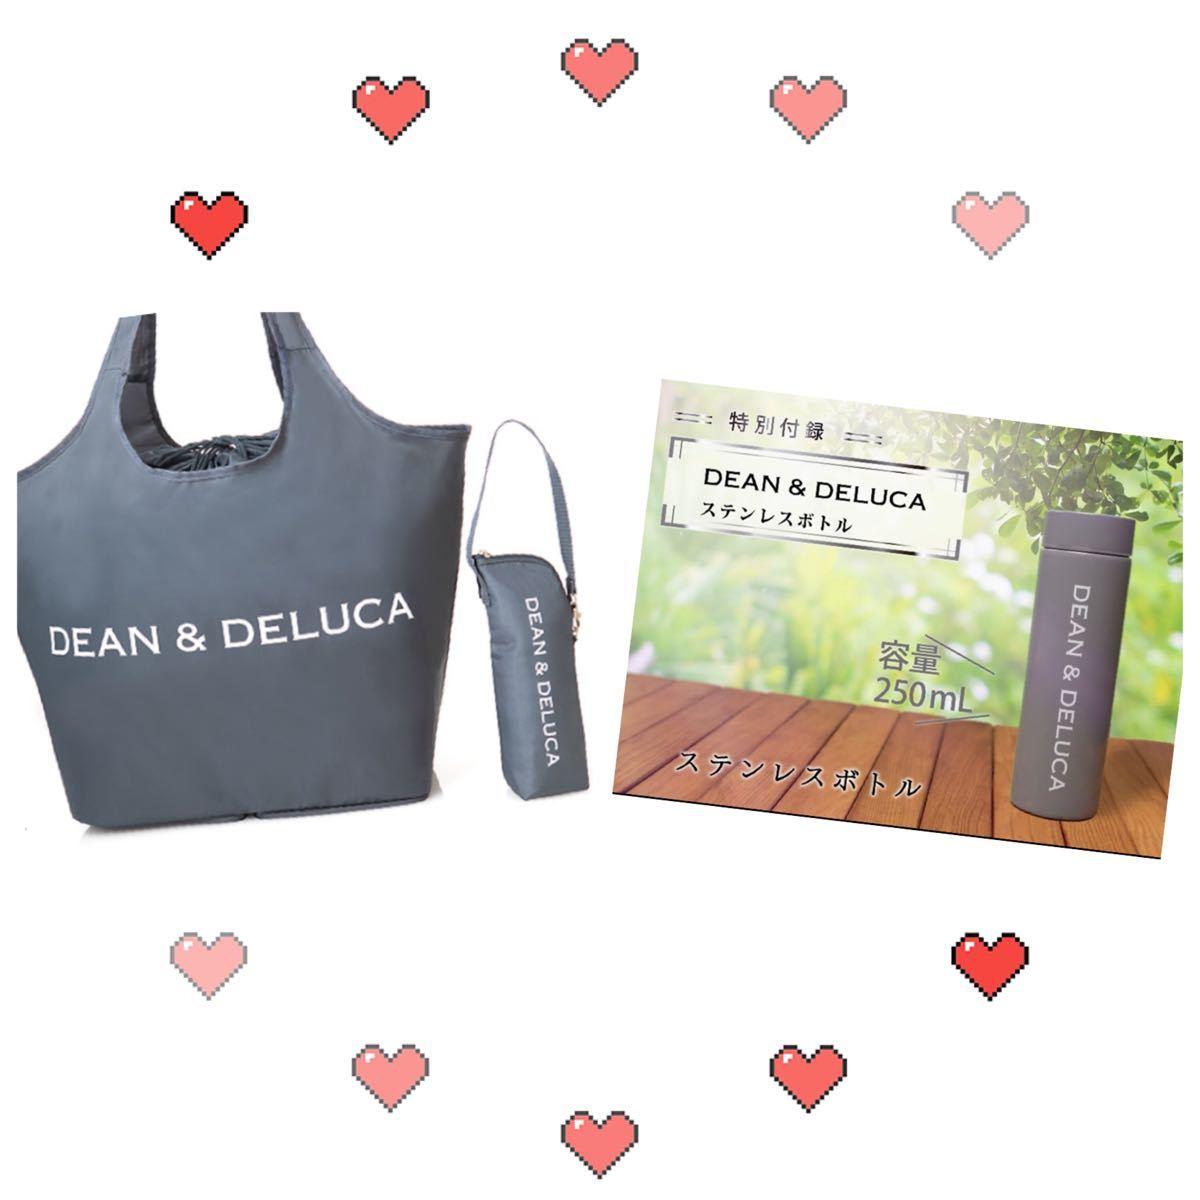 DEAN&DELUCA レジカゴバッグ+保冷ボトルケース+ステンレスボトル ディーン&デルーカ 付録 エコバッグ